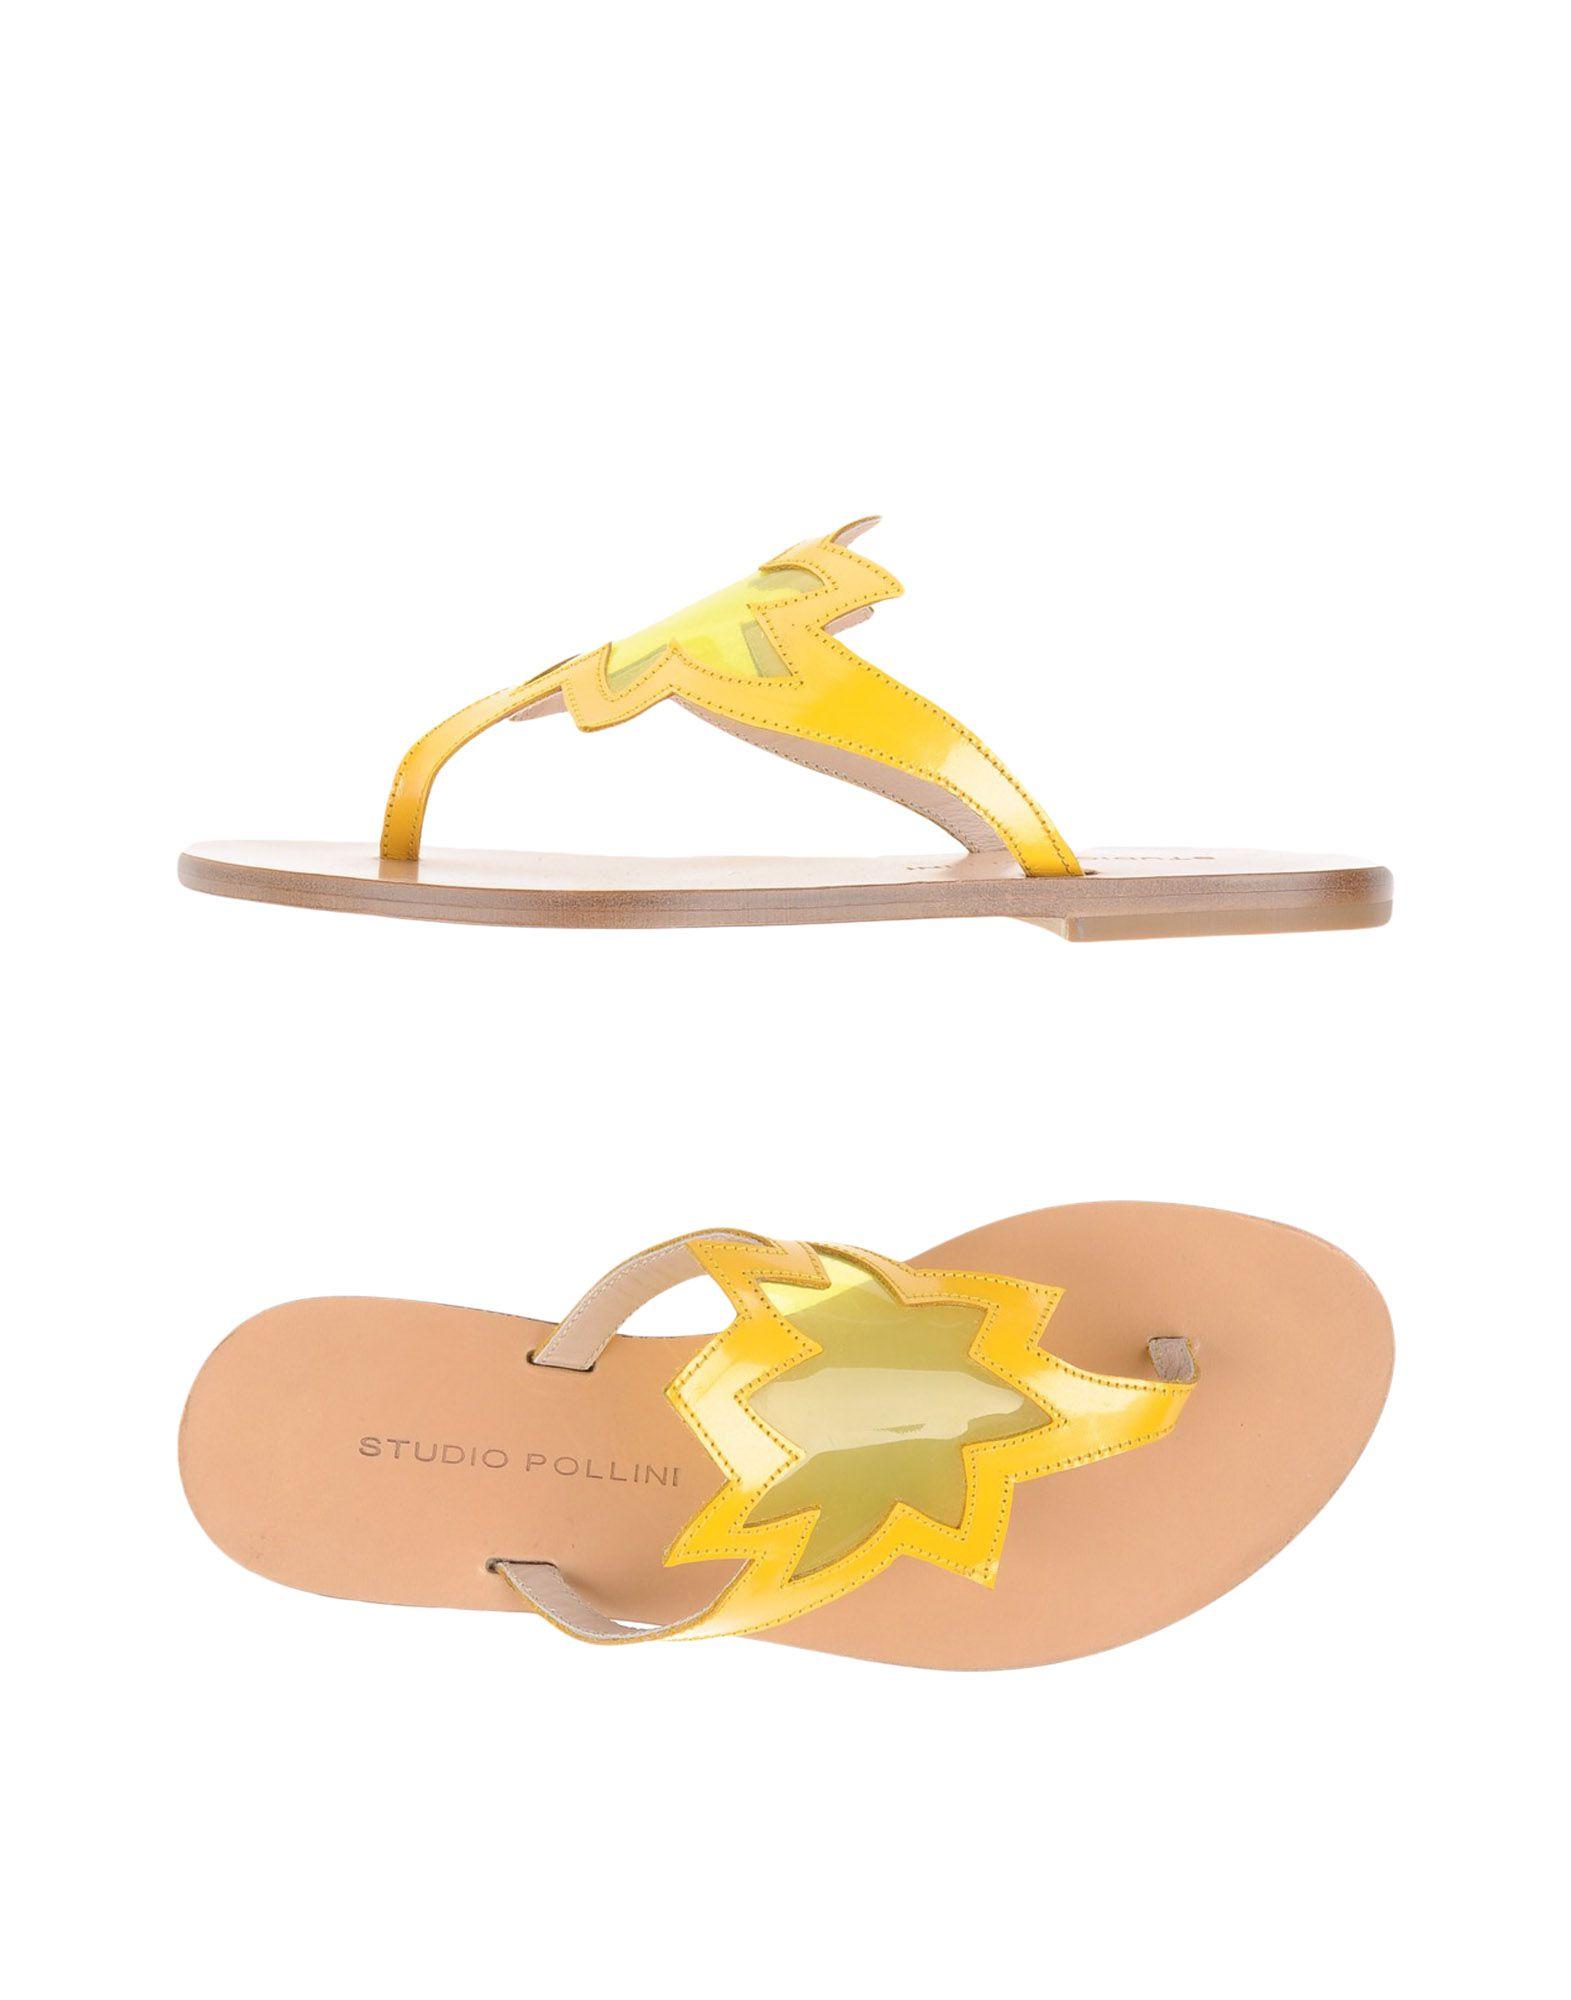 Studio Pollini Dianetten Damen  11278184NW Gute Qualität beliebte Schuhe